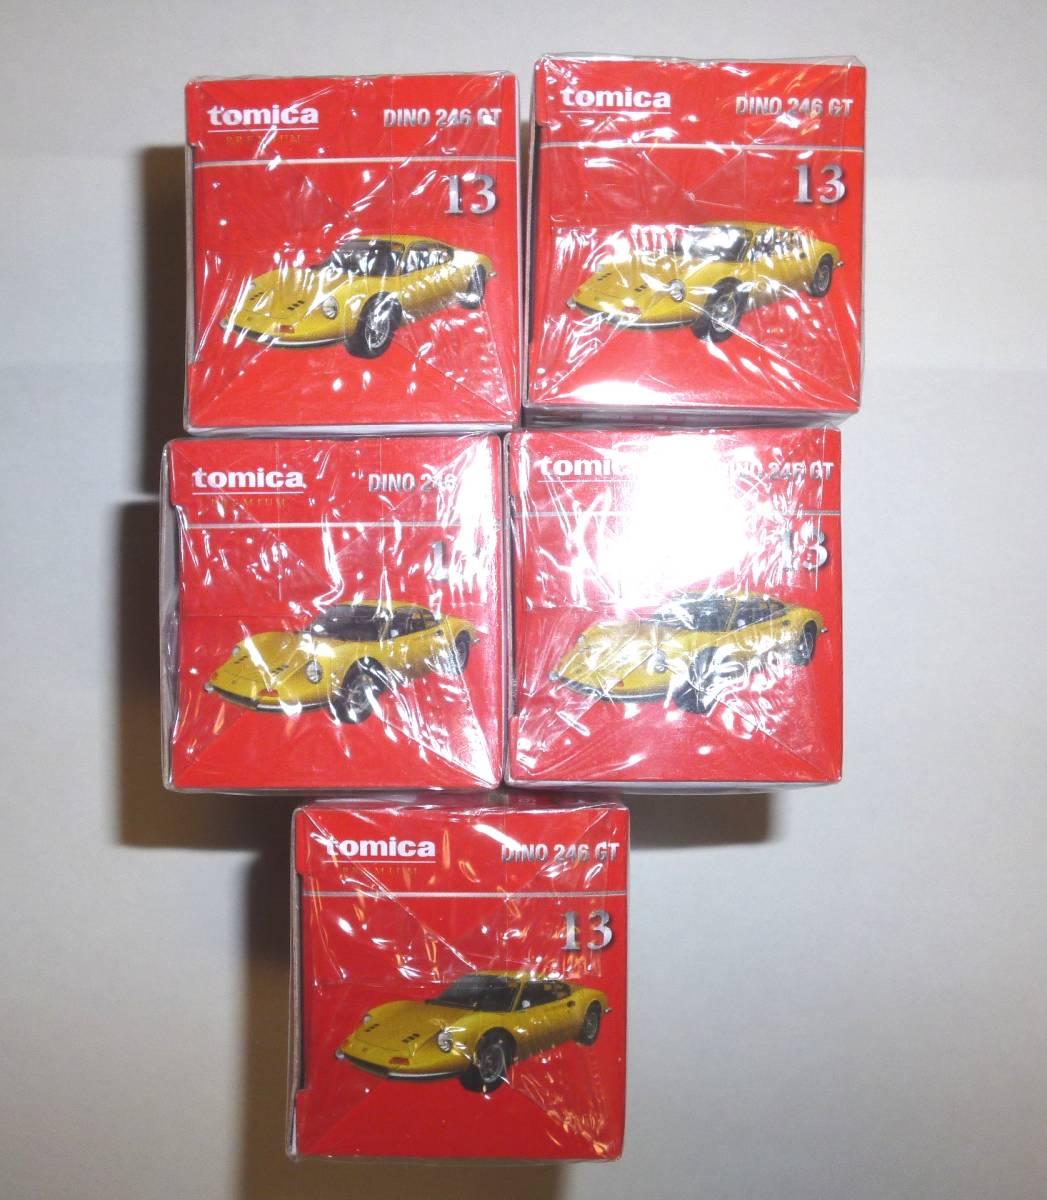 トミカプレミアム 13 ディーノ 246 GT (発売記念仕様) 黄色 5個セット DINO 246 GT_画像3